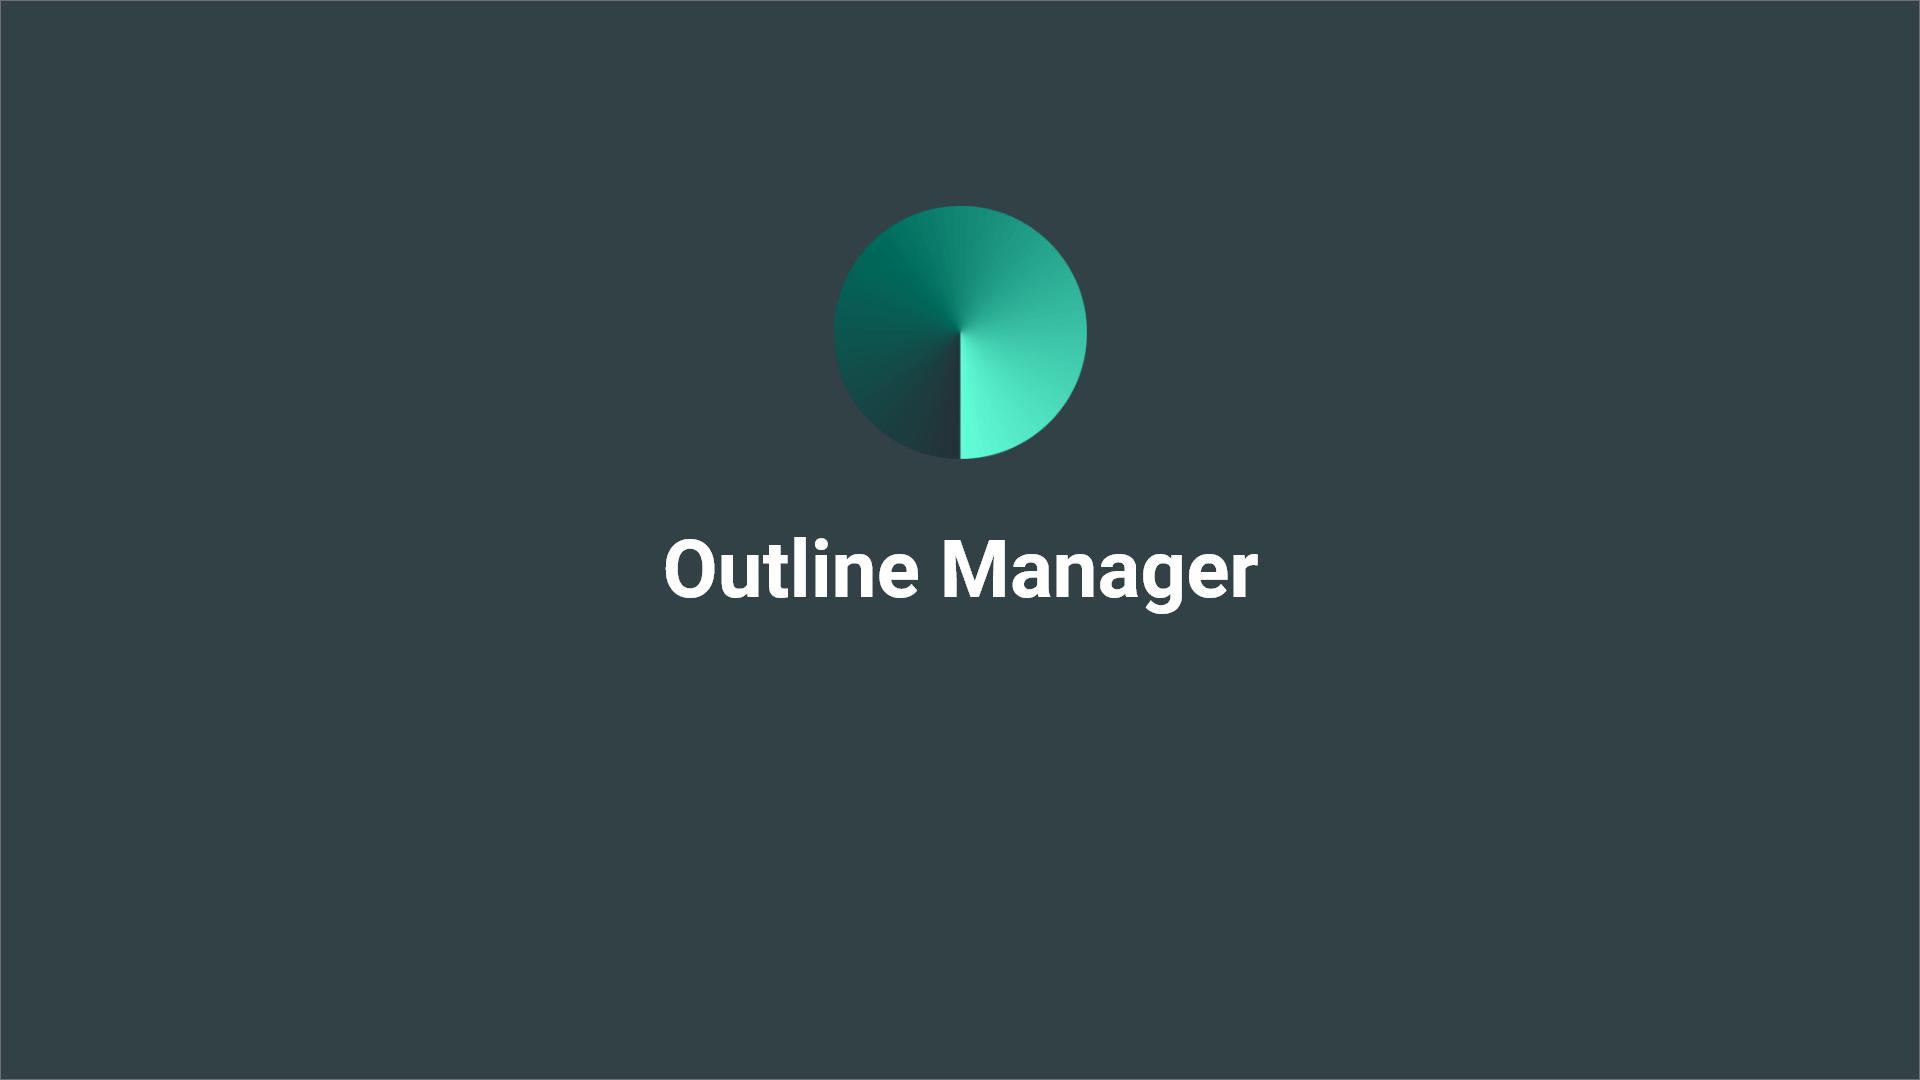 Outline VPN:輕鬆建立 VPN 的好選擇